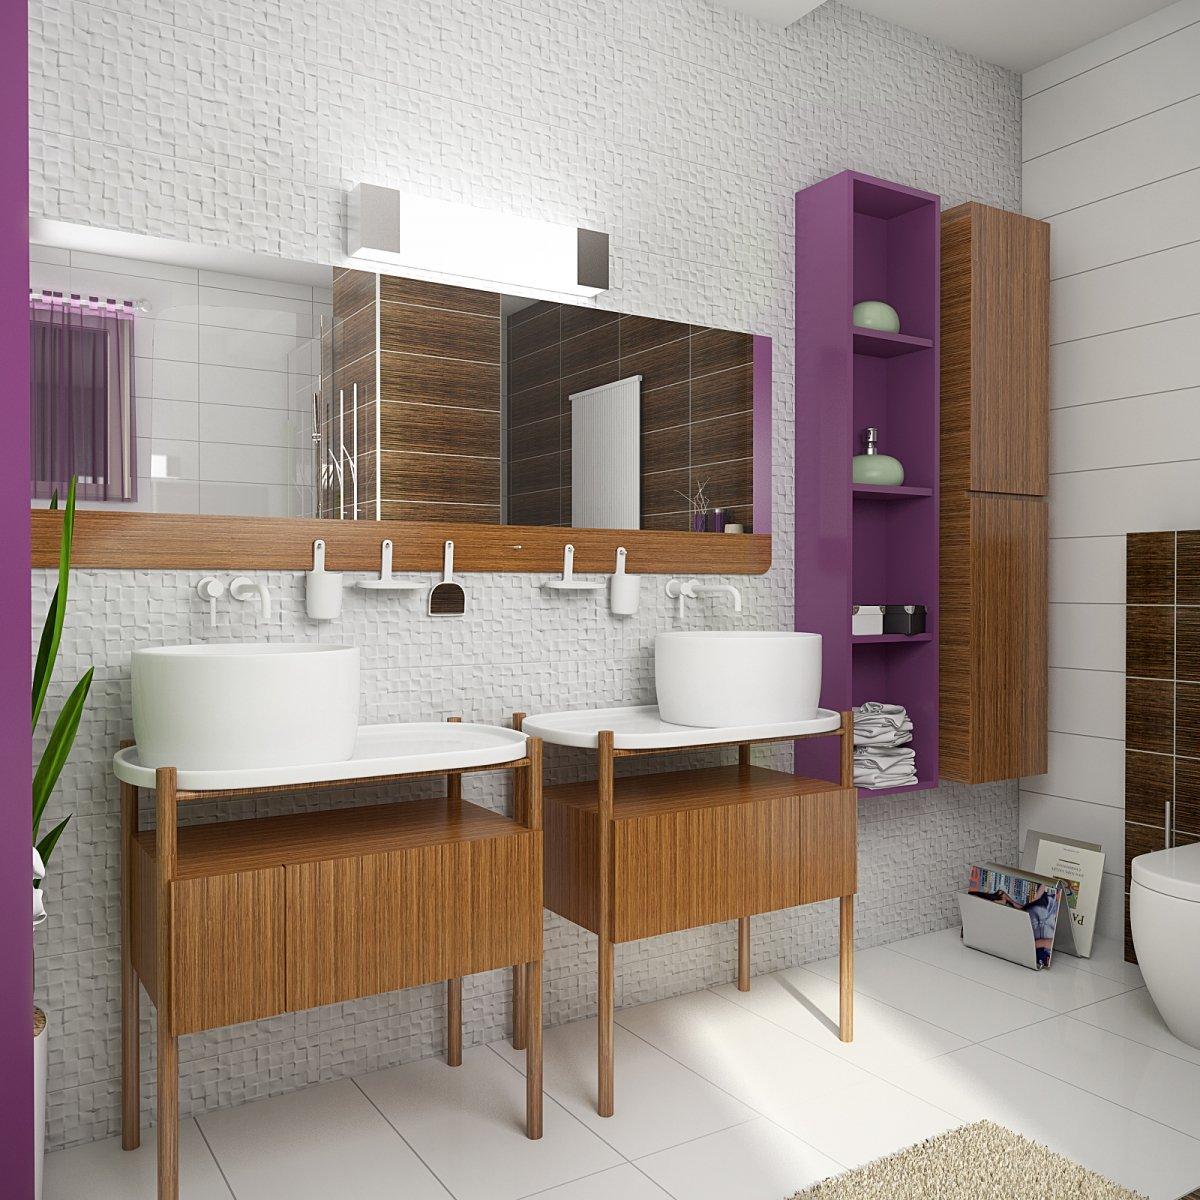 Amenajare interioara - Apartament la malul marii-31